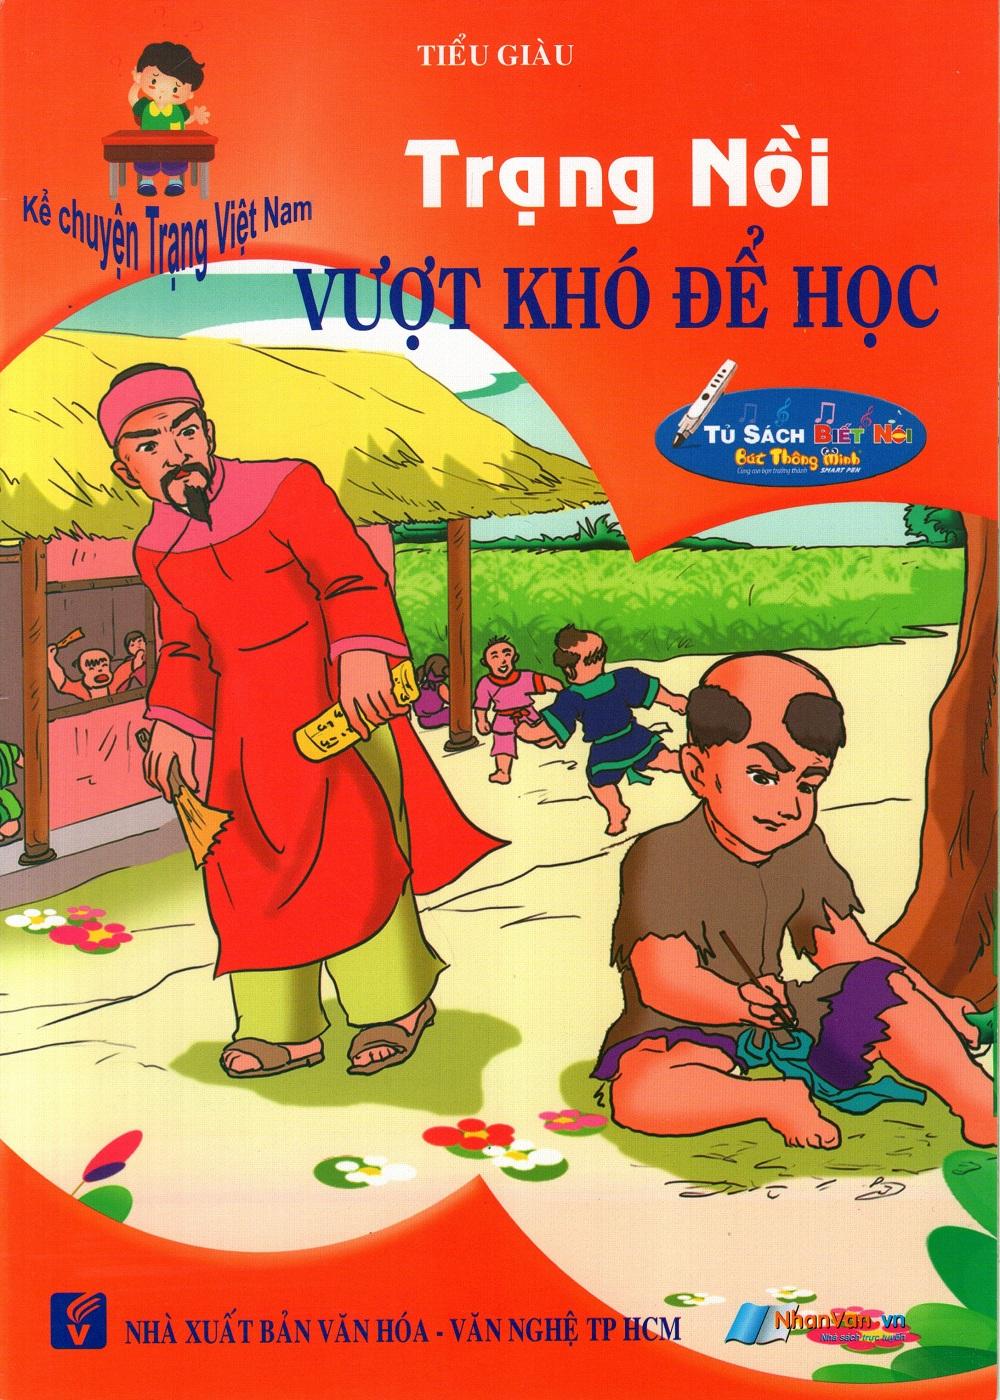 Bìa sách Kể Chuyện Trạng Việt Nam: Trạng Nồi - Vượt Khó Để Học